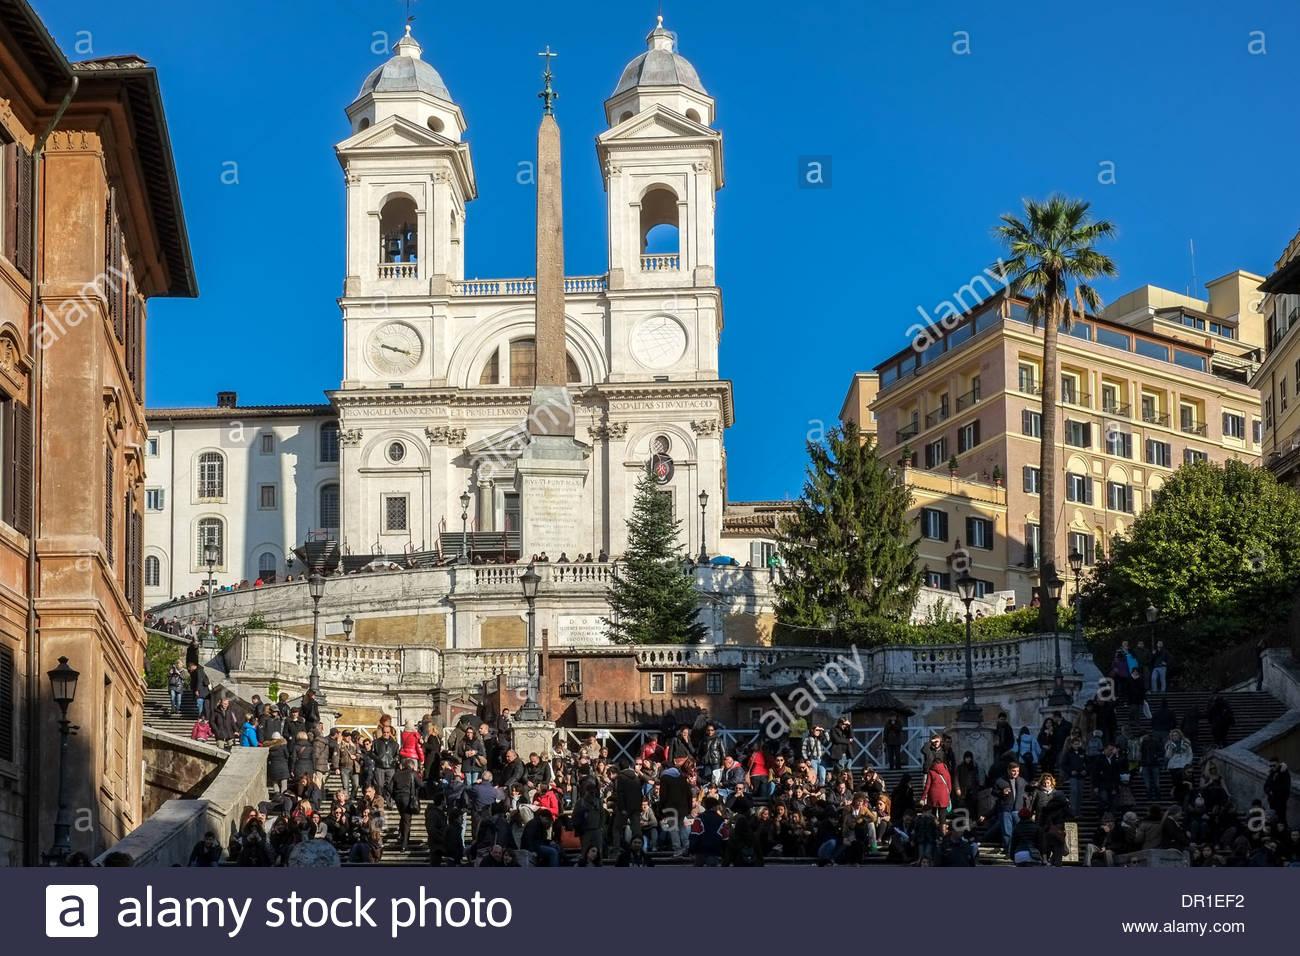 Escaliers d'Espagne à Rome Italie Photo Stock